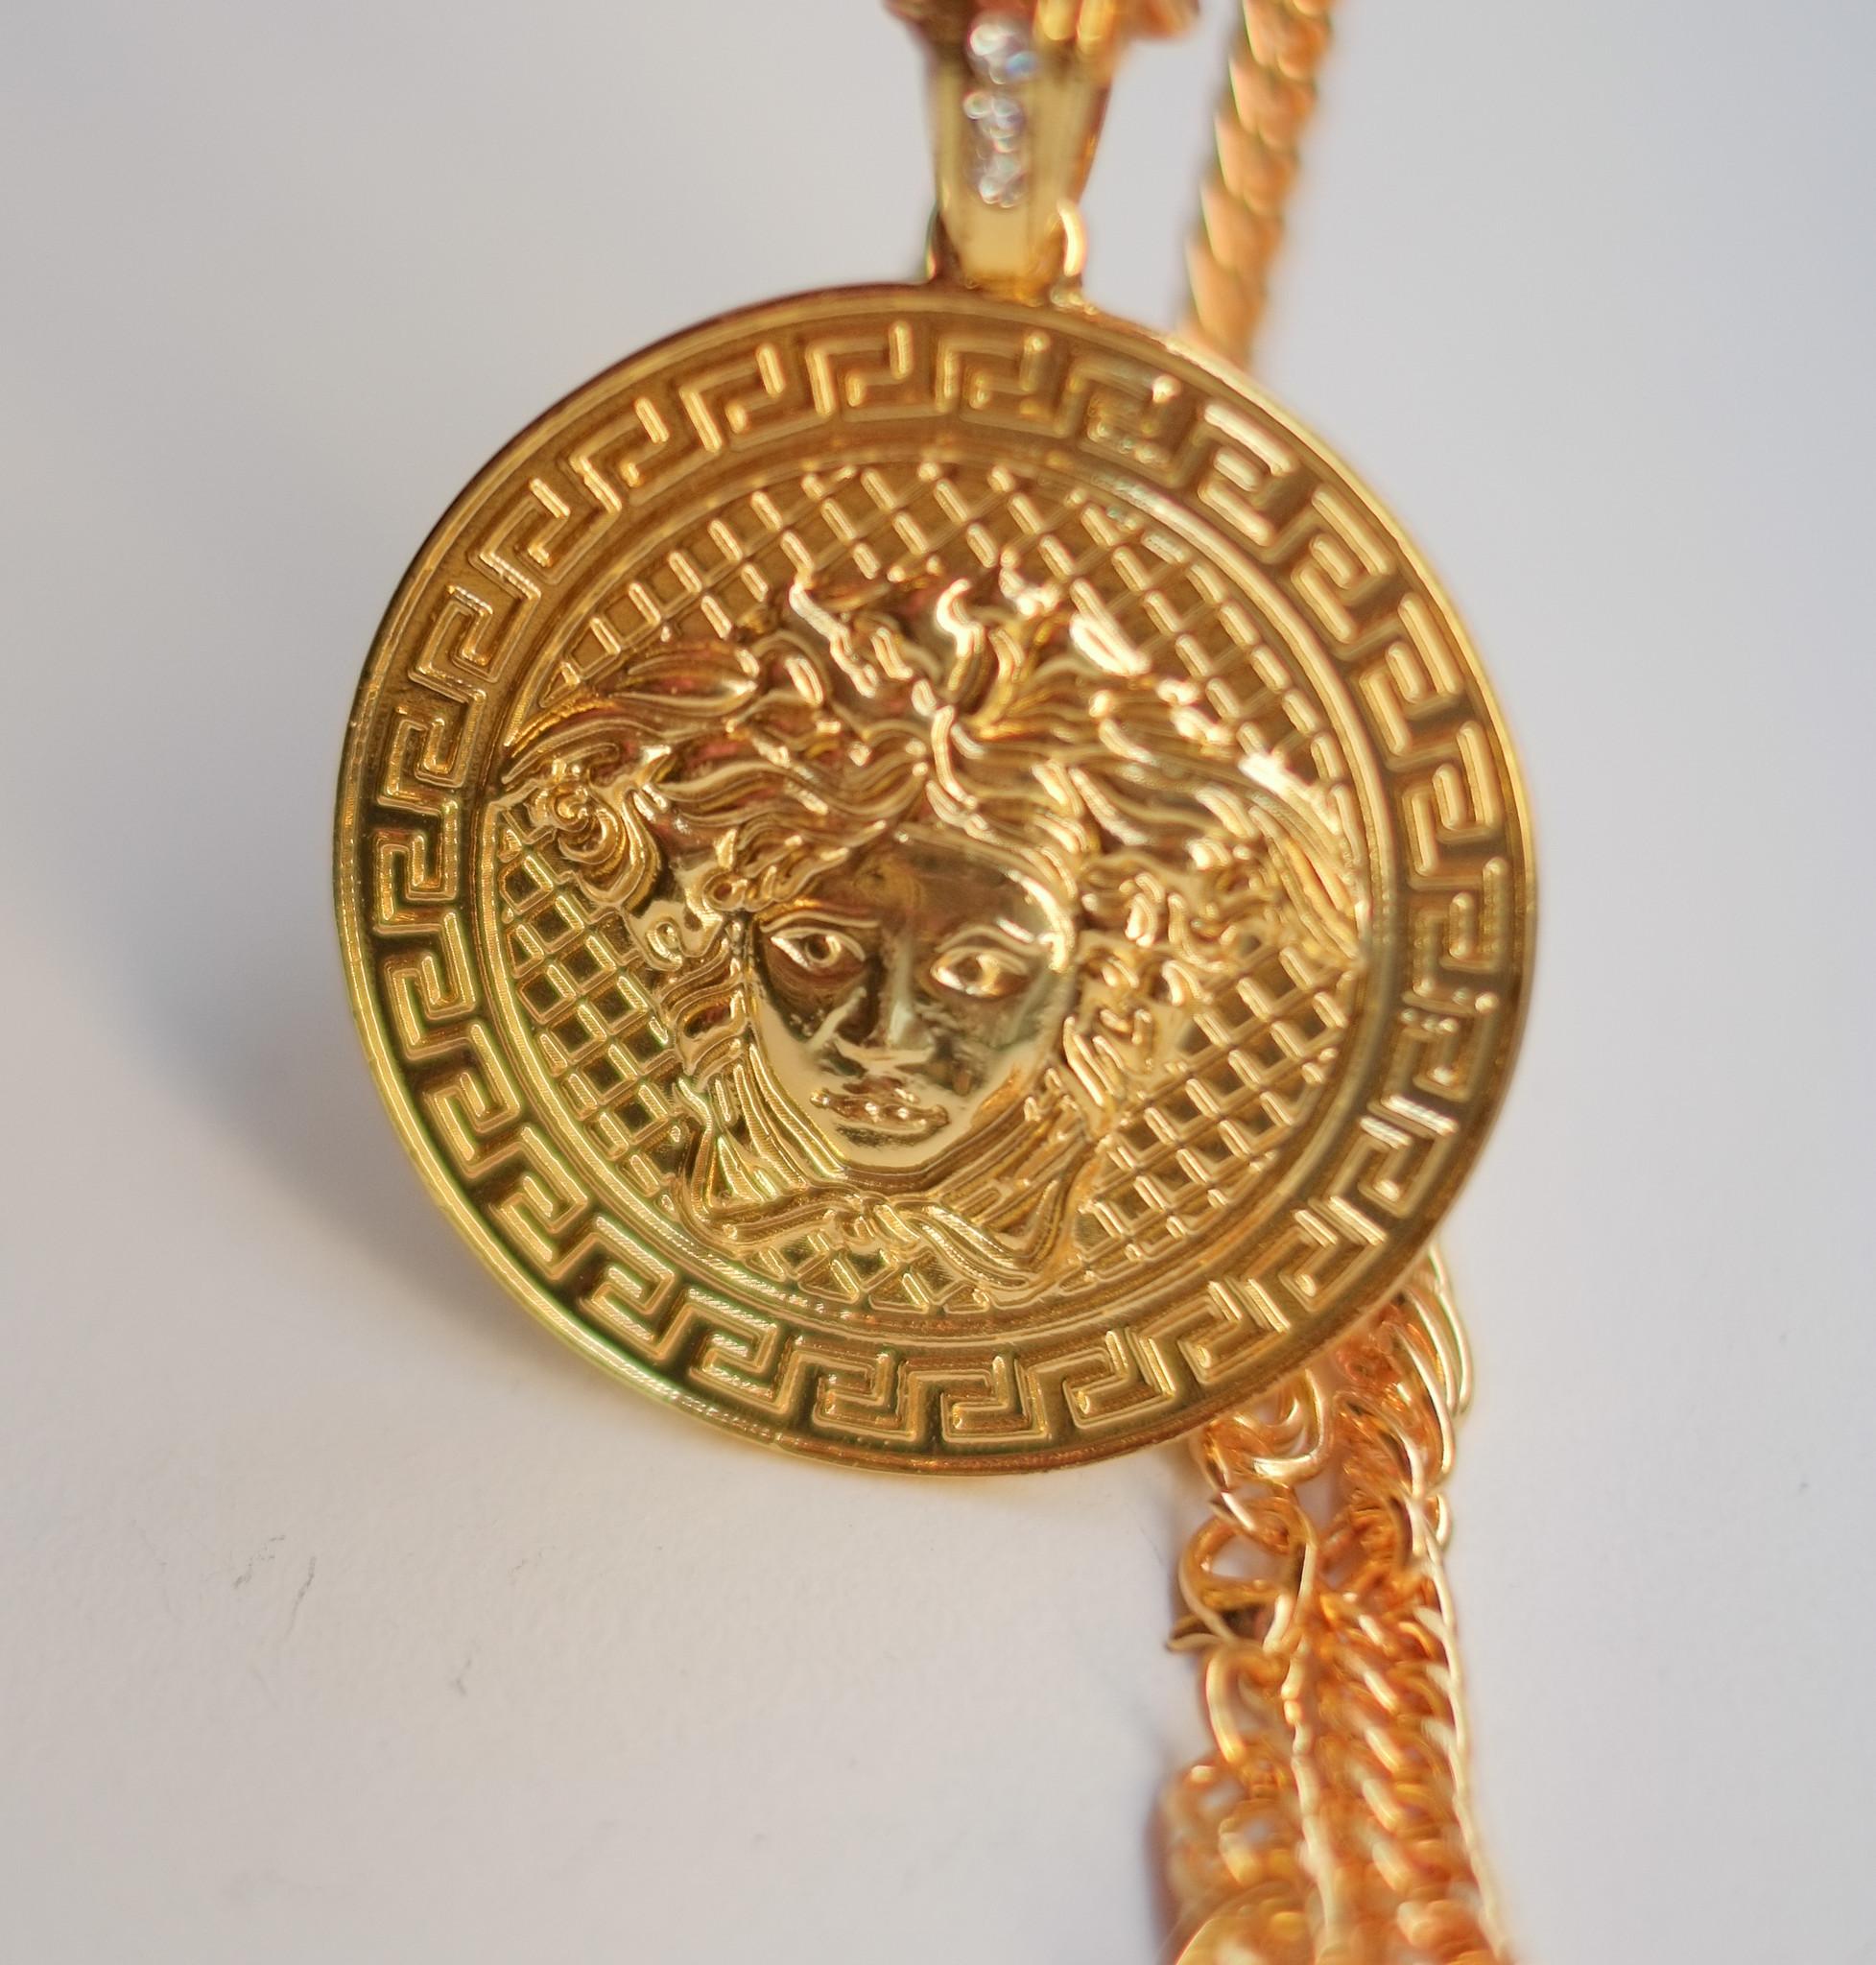 Exclusive medusa emblem coin necklace